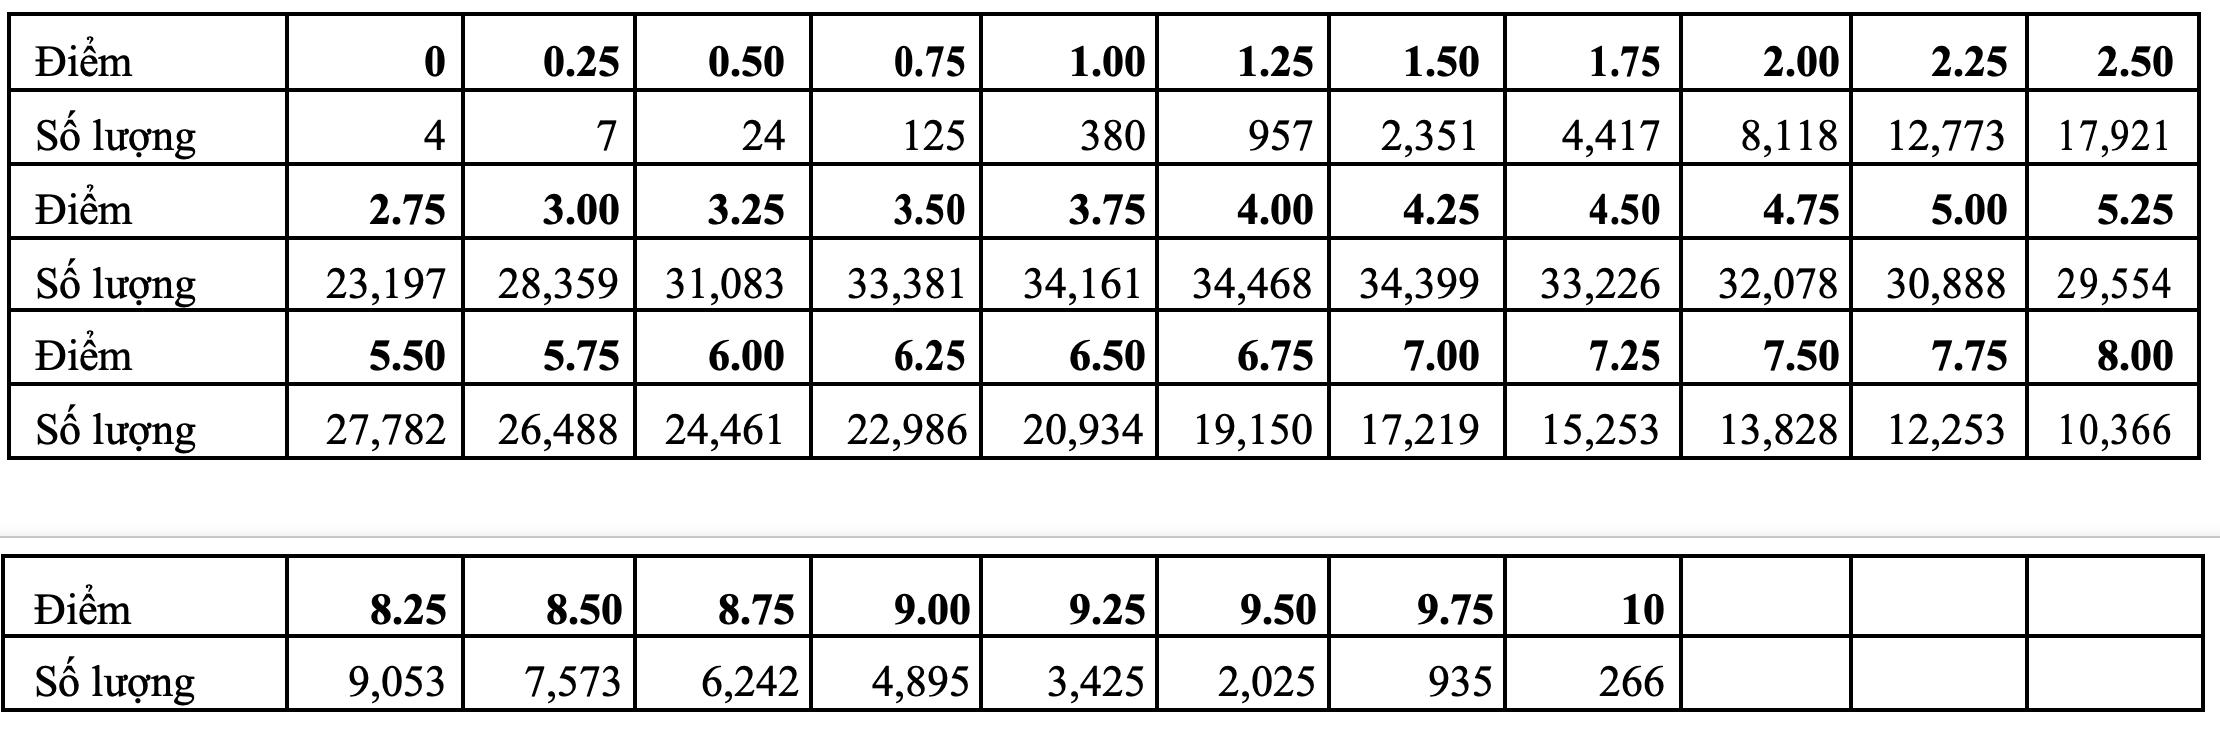 Môn Lịch sử 'đội sổ', hơn 50% thí sinh đạt điểm dưới trung bình  - 2